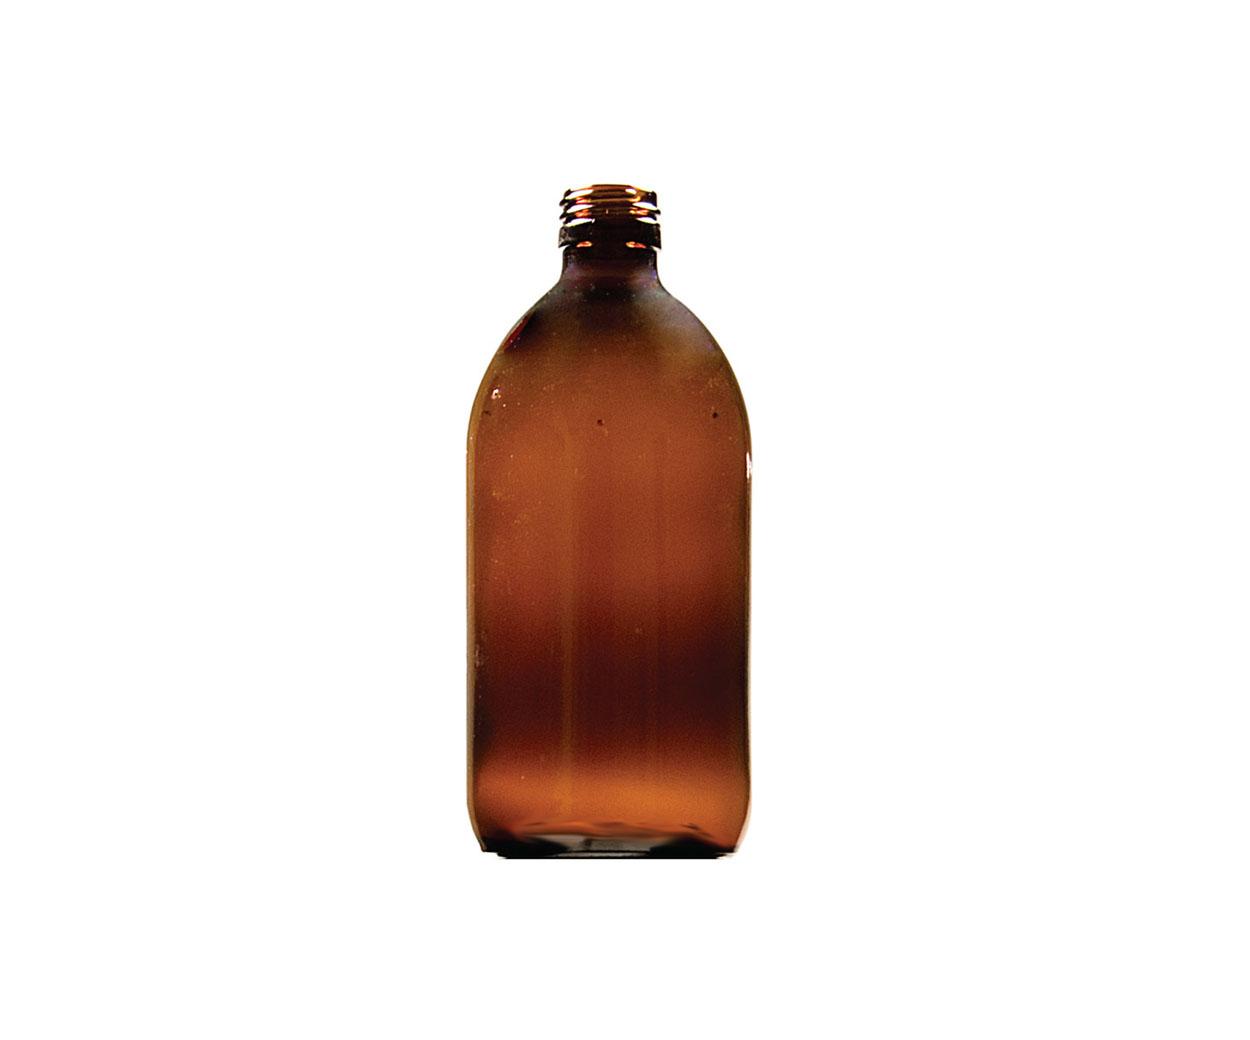 Lightweight 200ml Round Glass Medicine Bottle - Pack of 67